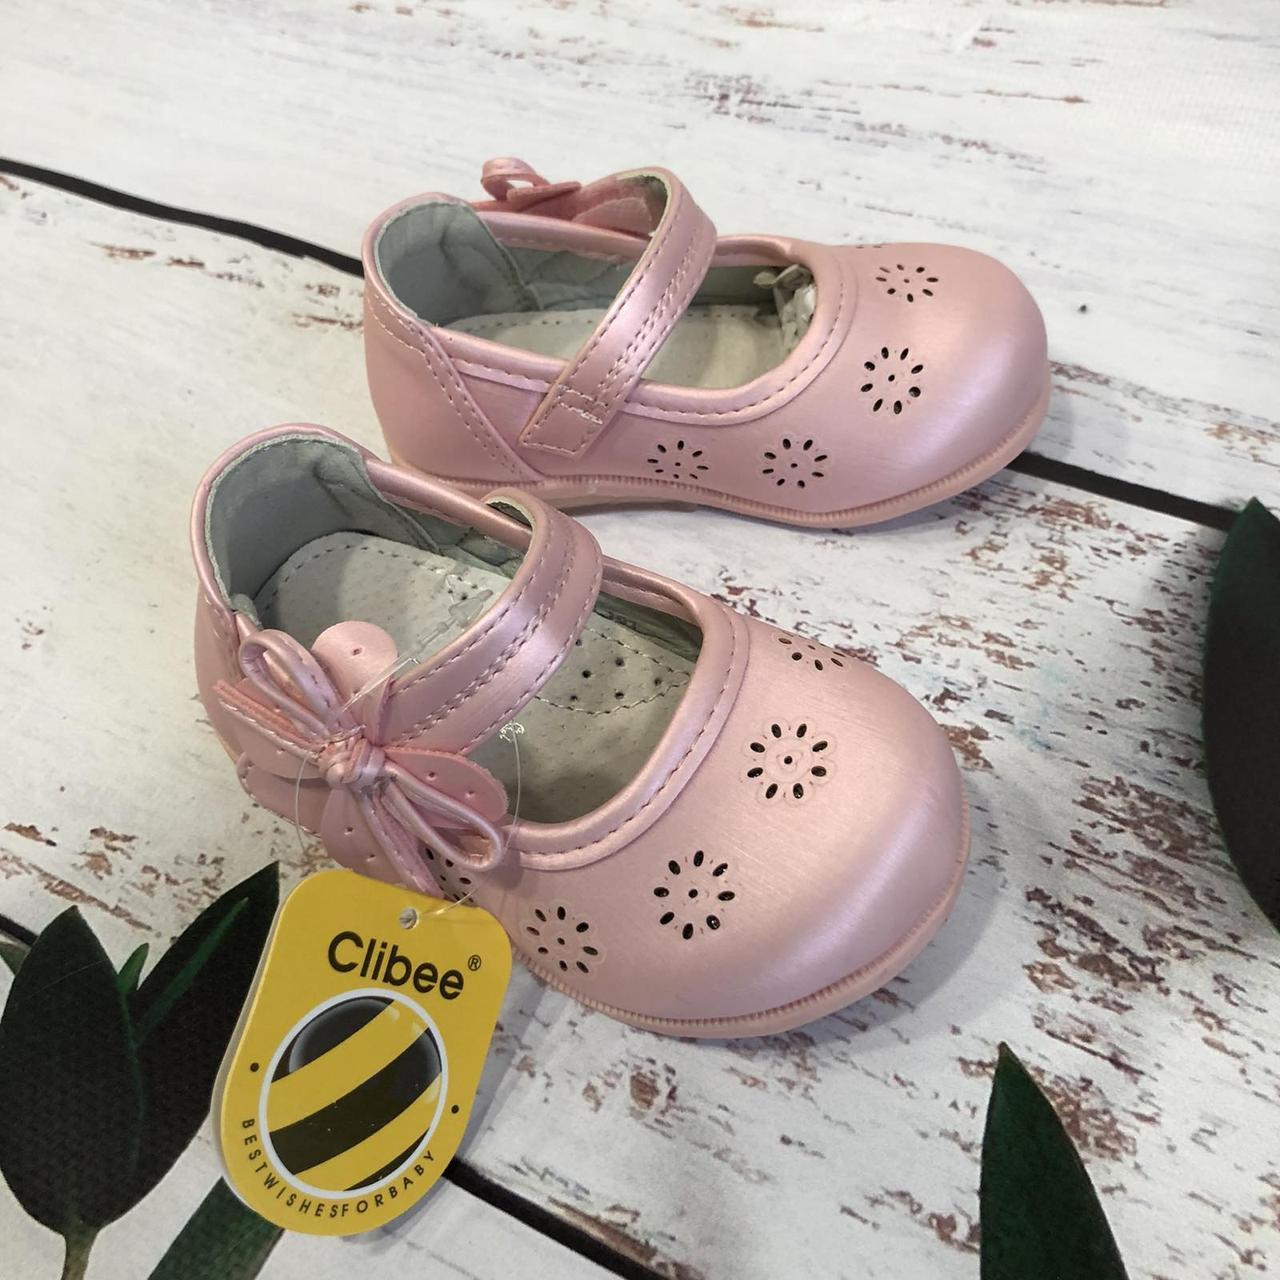 Шикарные детские туфли  от бренда Clibee размер 20, 21, 22, 24,25